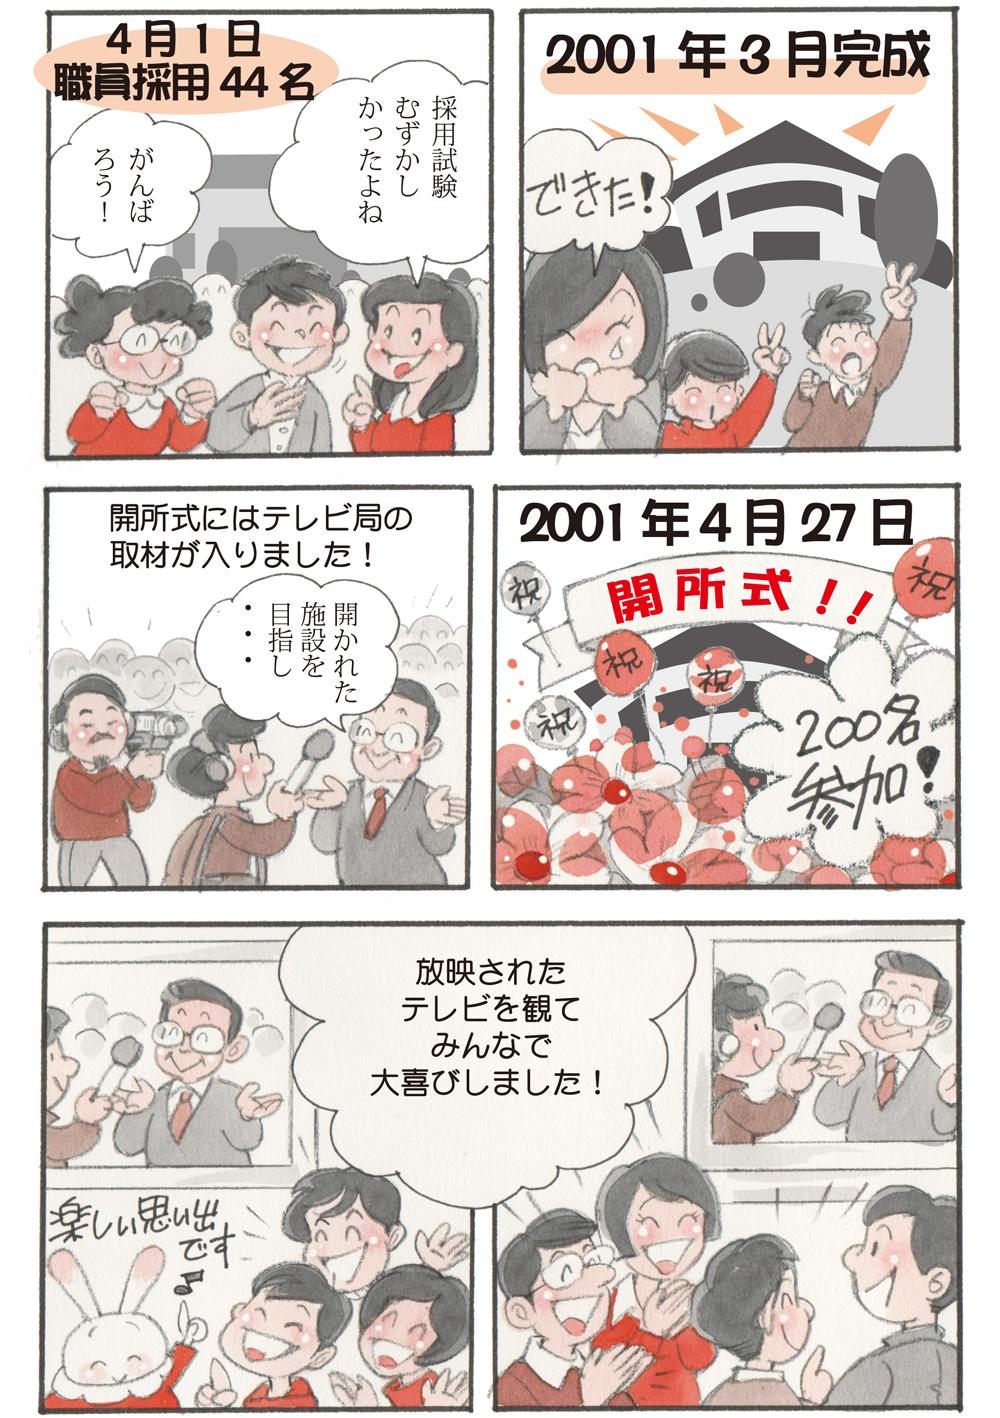 すみなす会誕生物語 7p